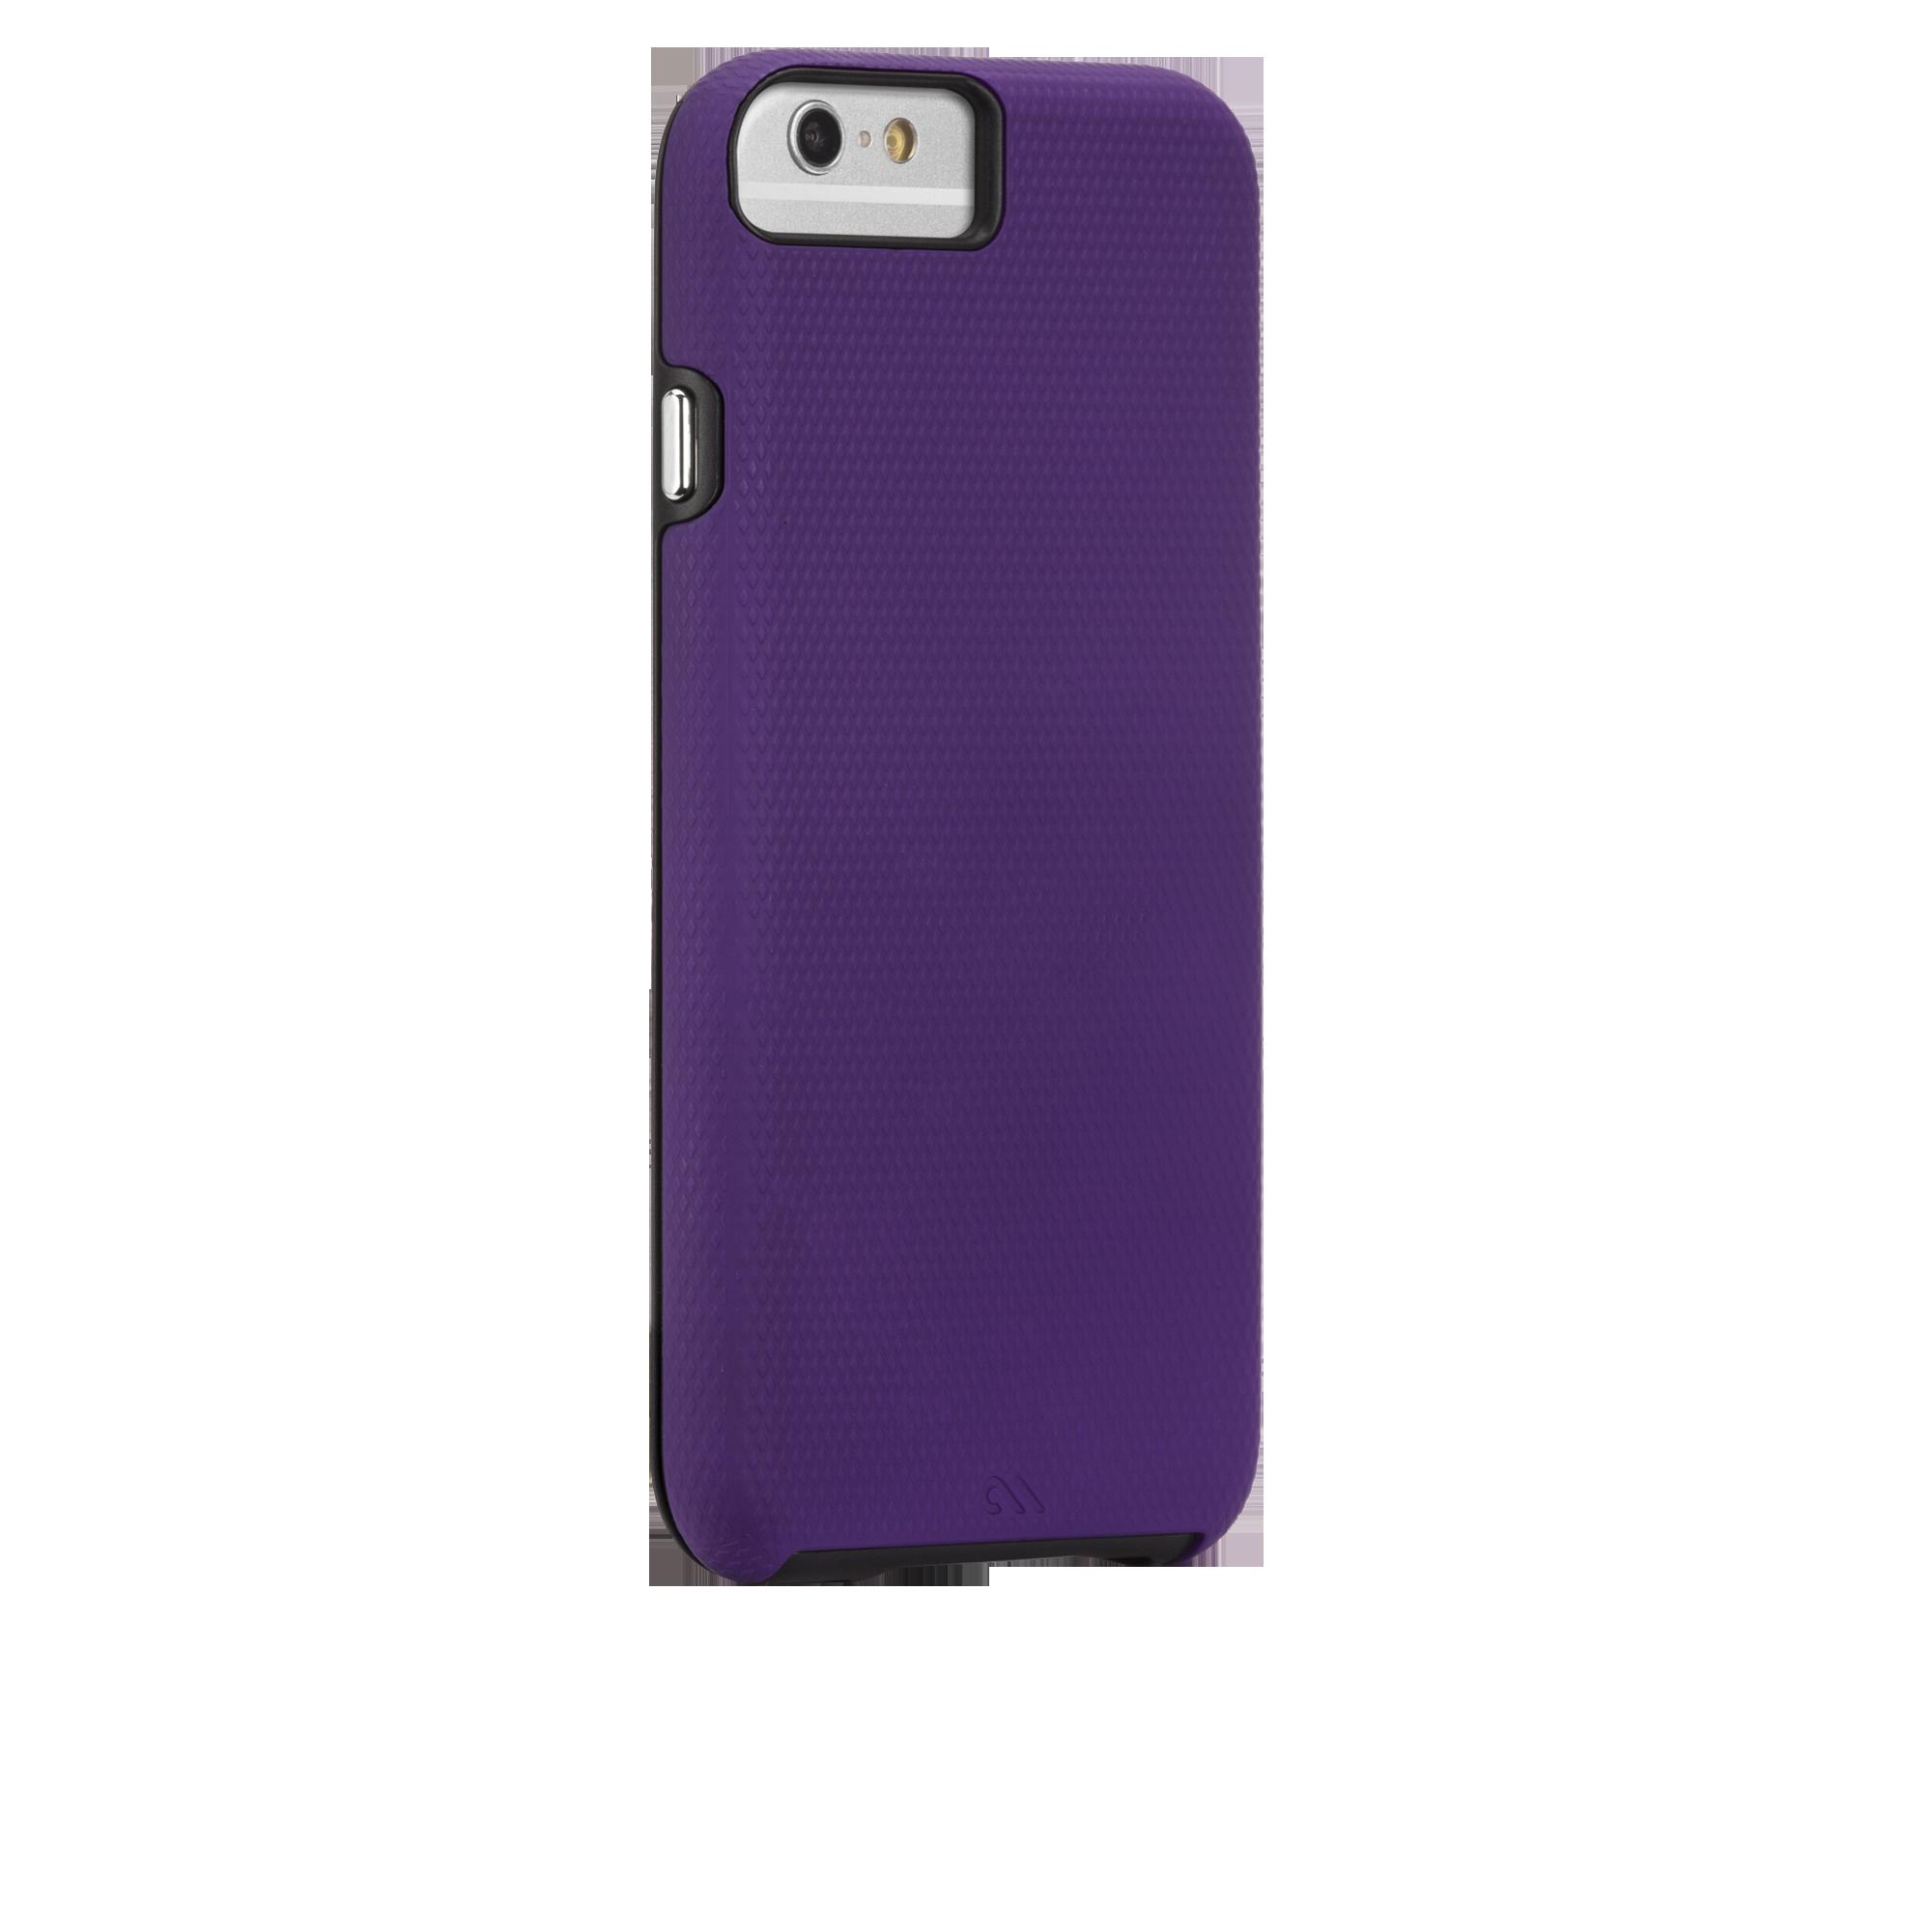 Tough Case - Purple & Black Liner